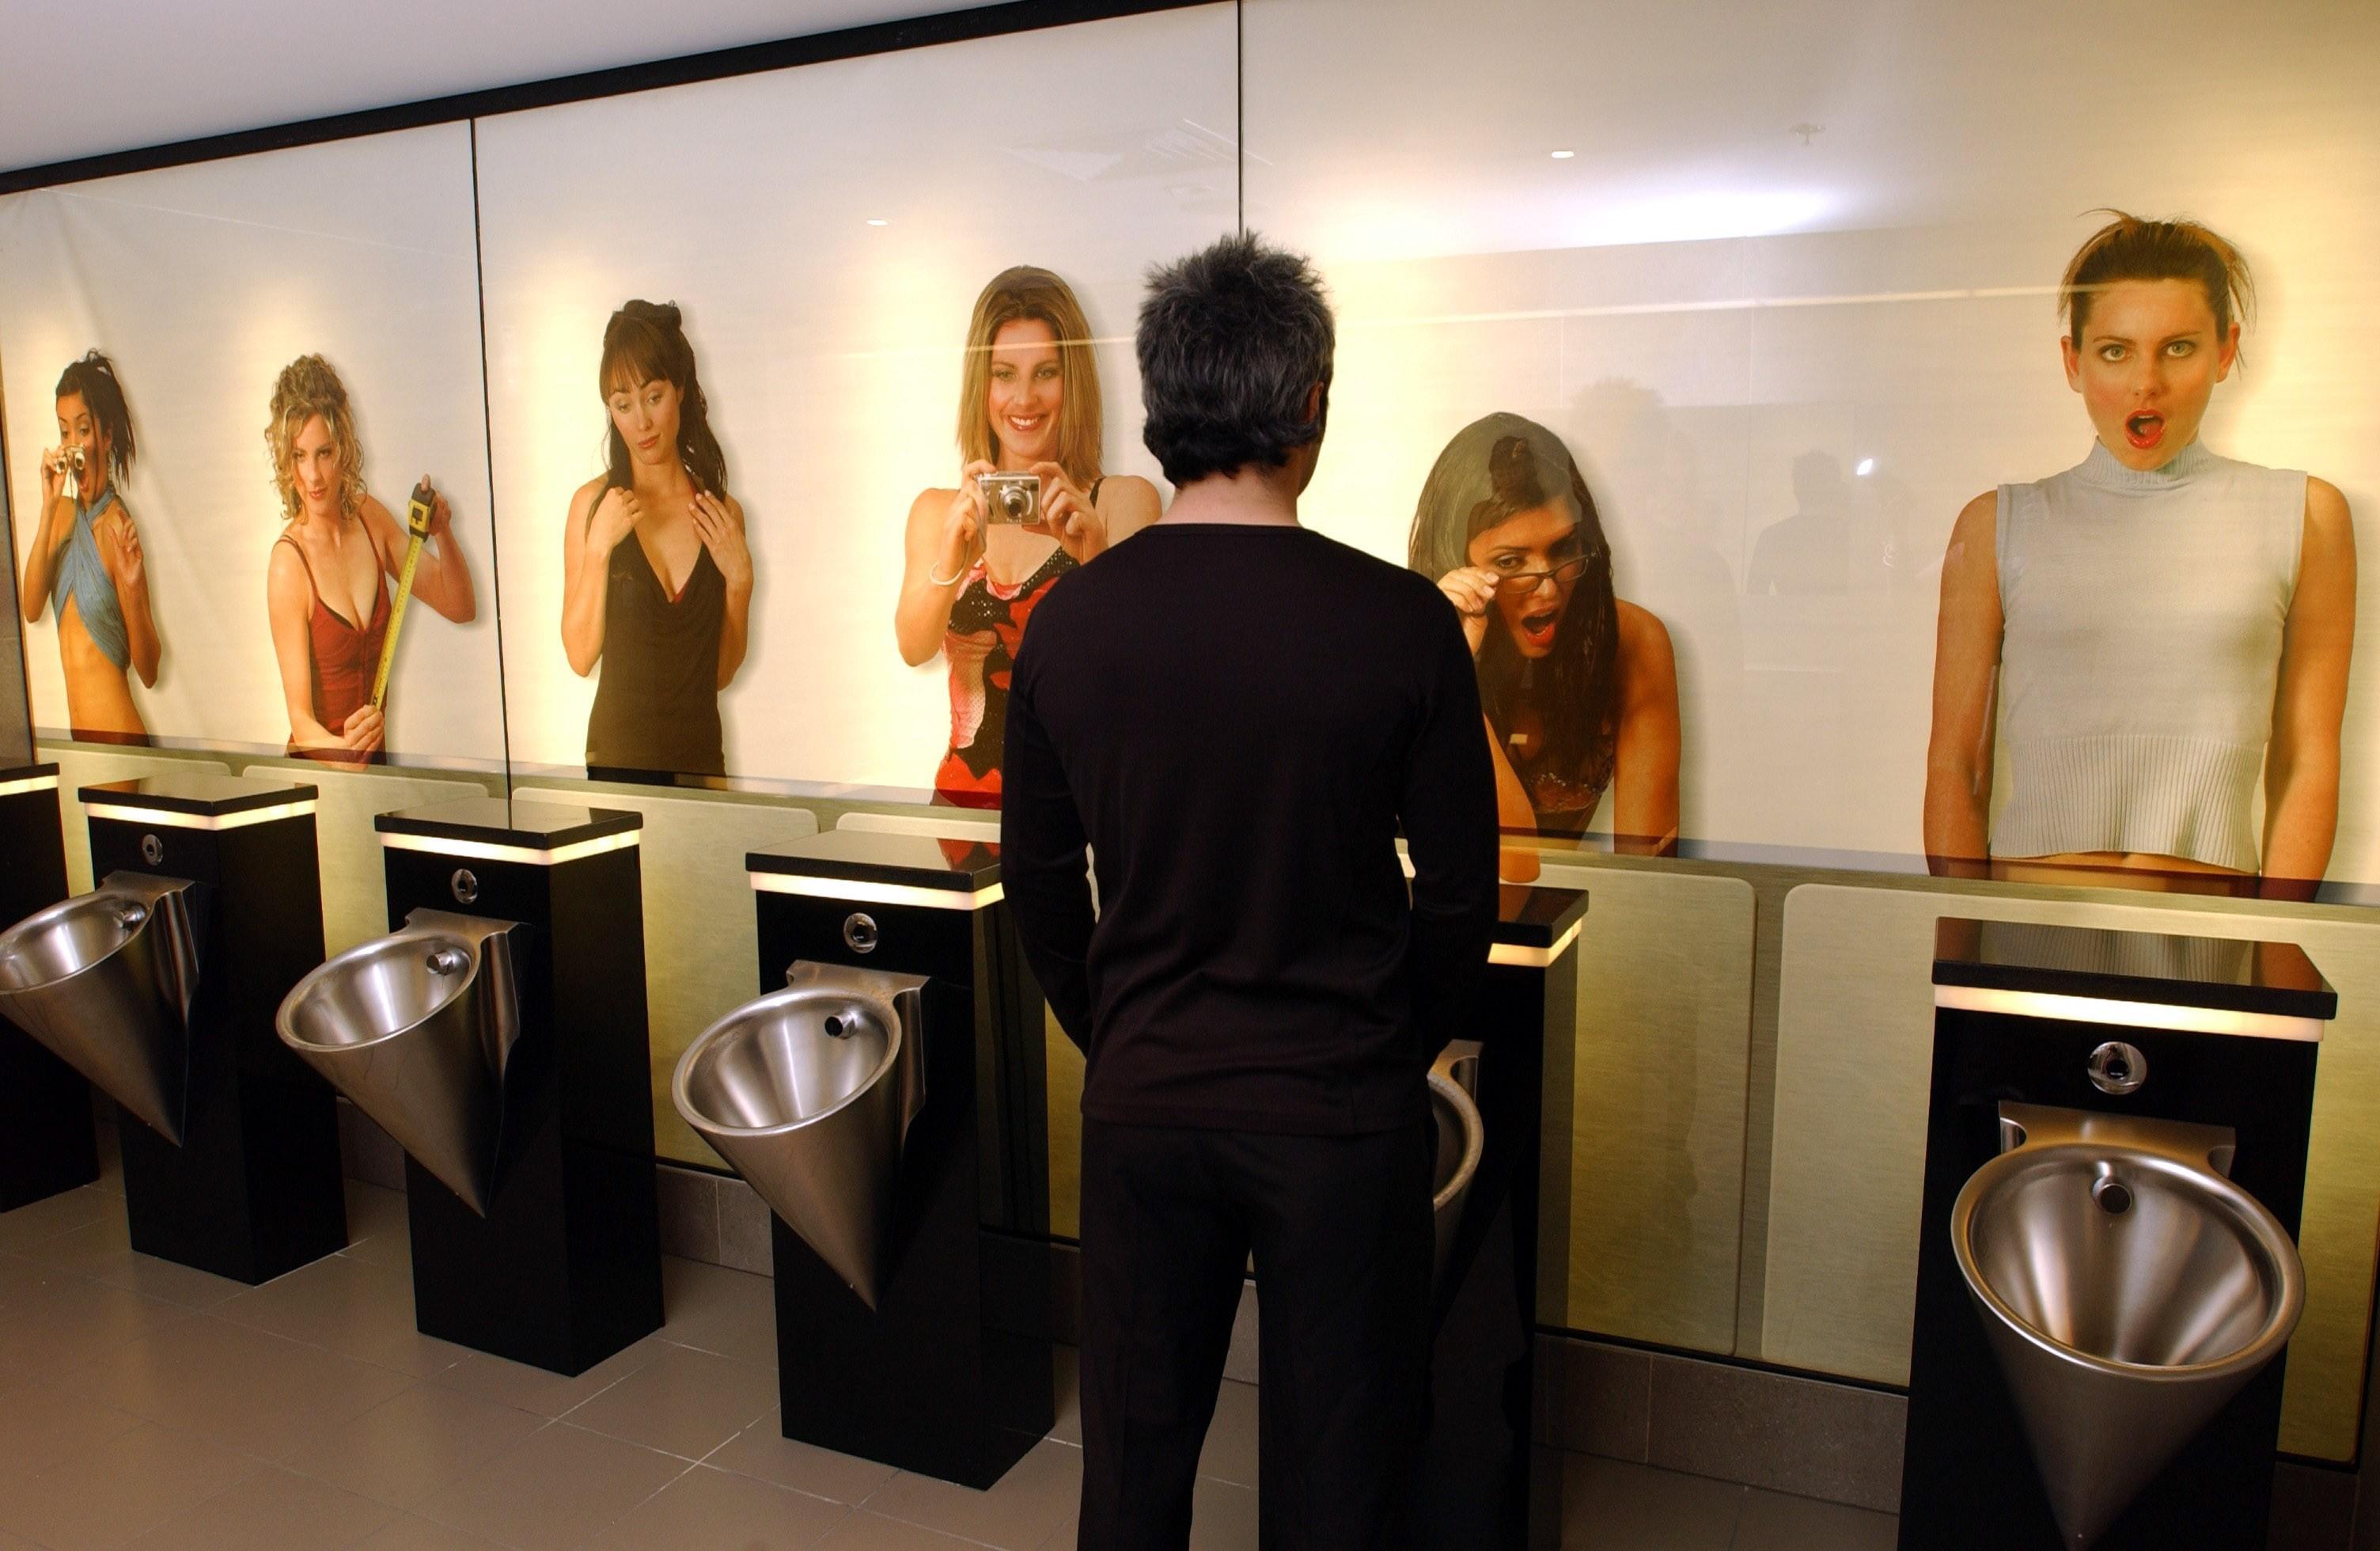 Секс в туалетной кабины 17 фотография